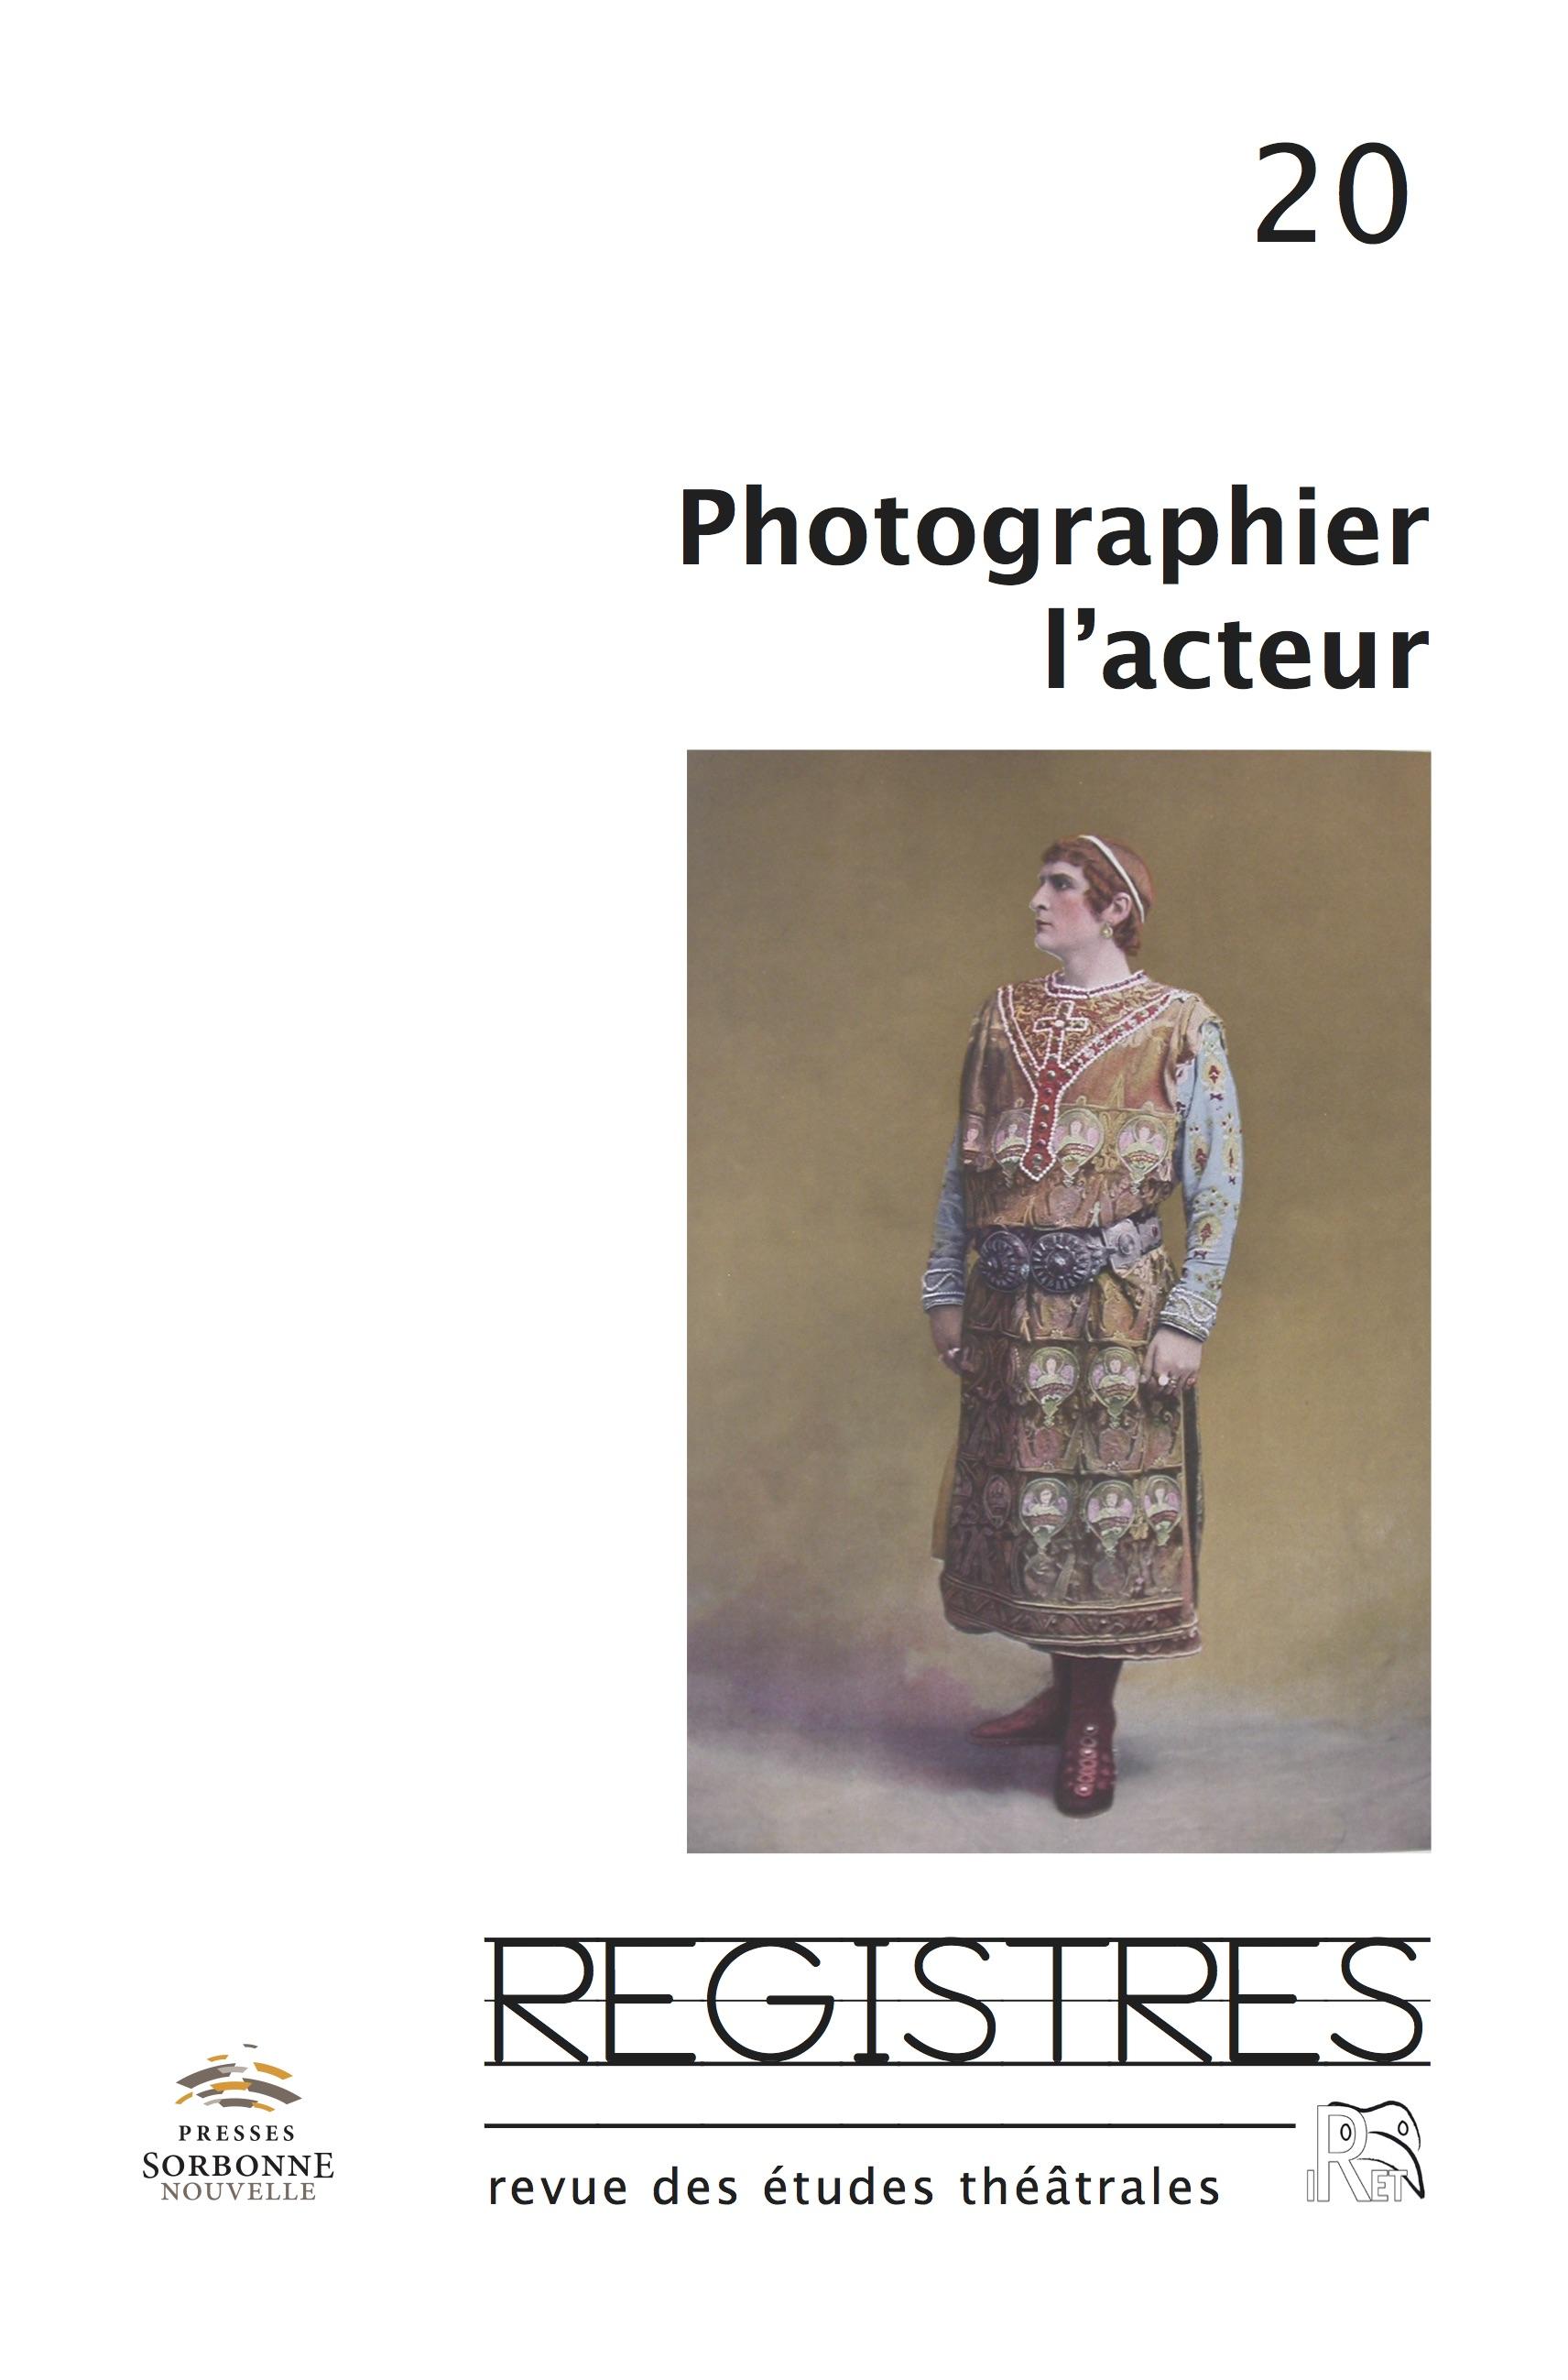 Registres, n°20, « Photographier l'acteur » (dir. A. Rykner) et « Les Nouveaux matériaux du théâtre » (dir. J. Danan et C. Naugrette)